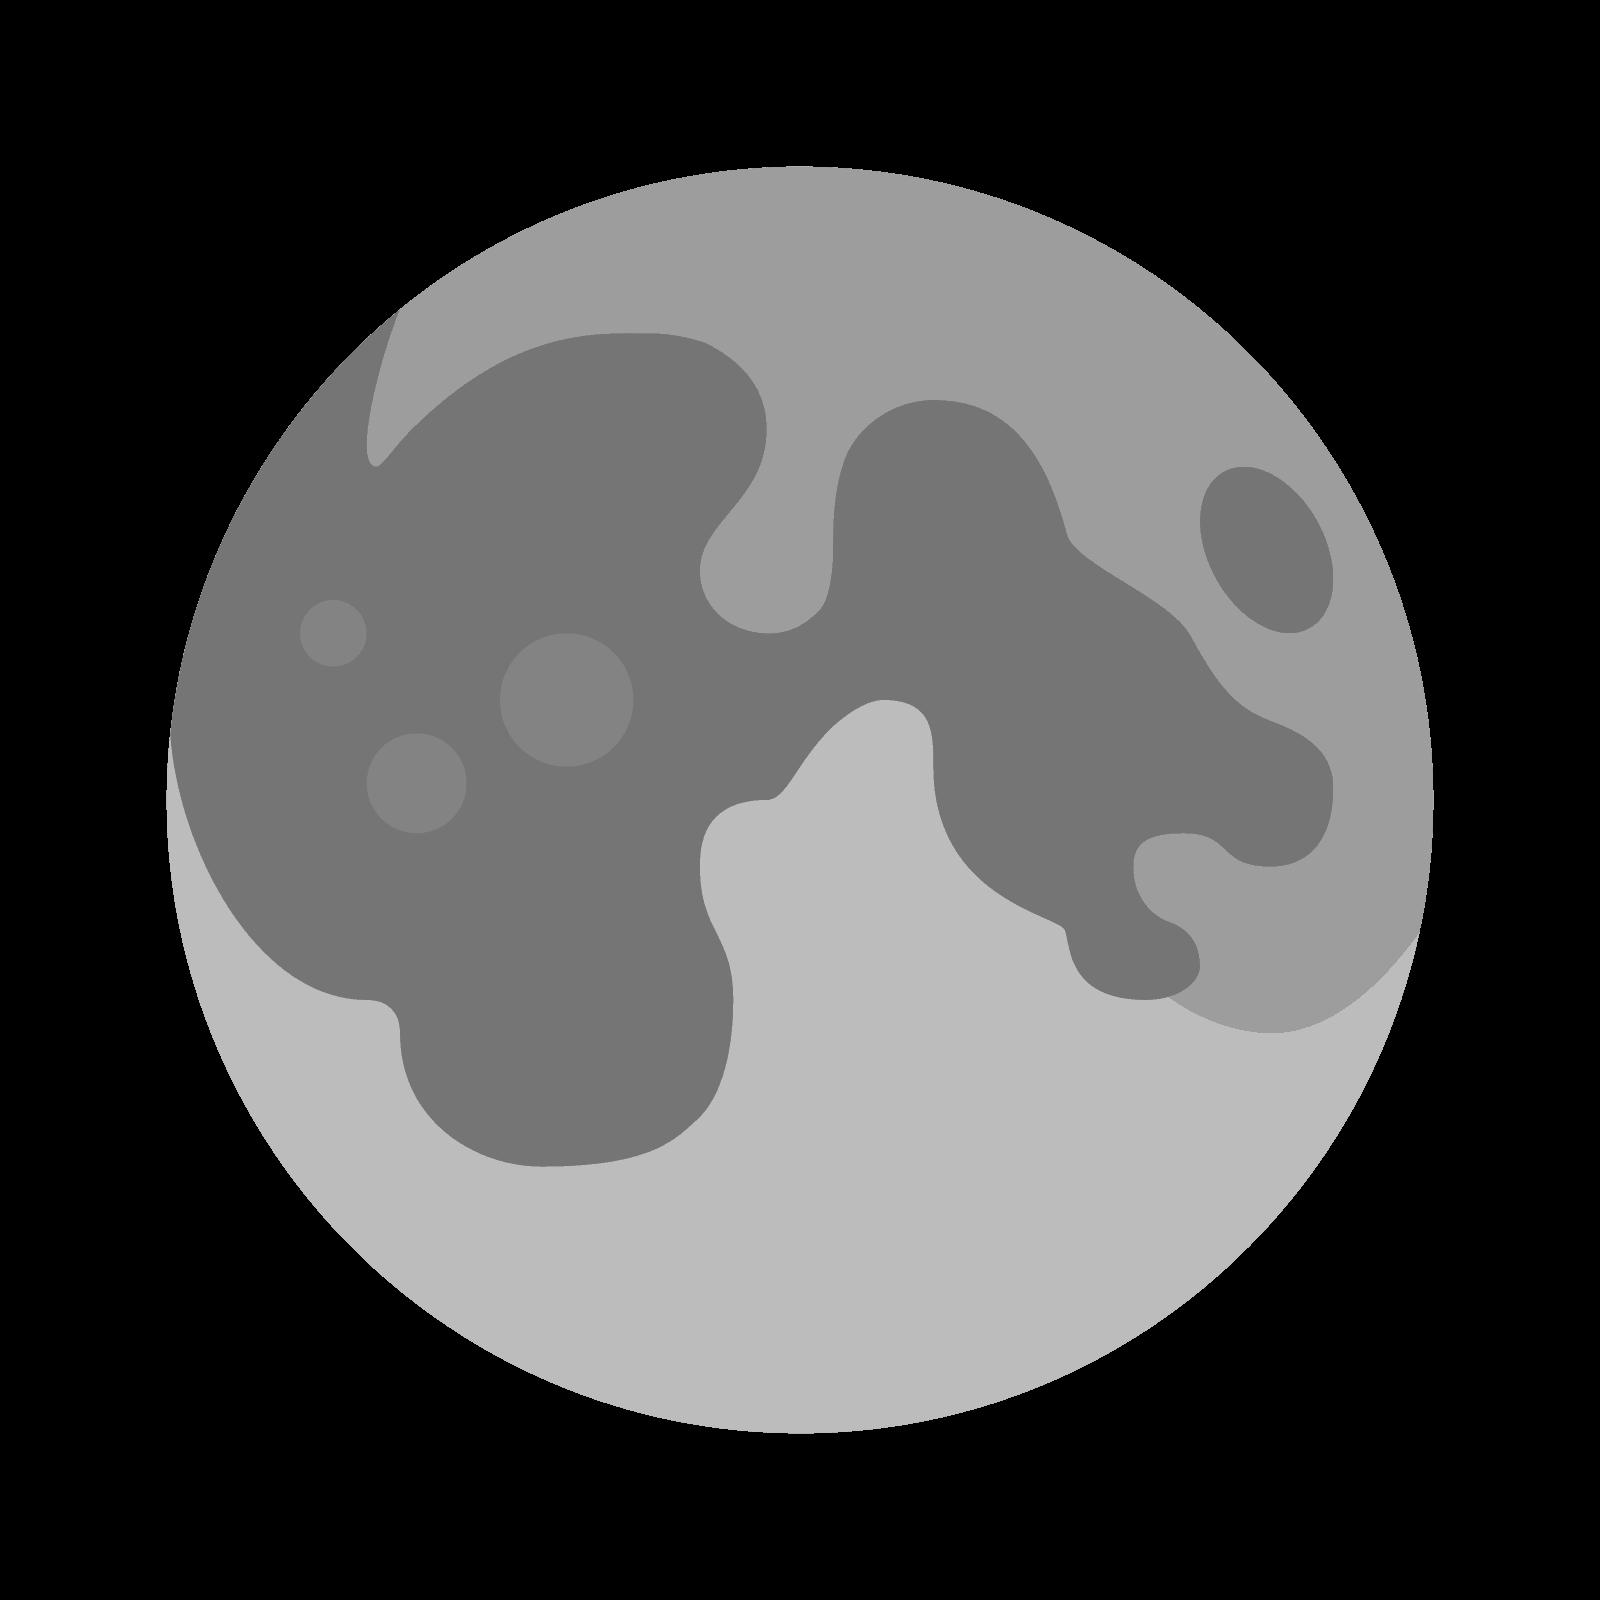 Moon Vector Free